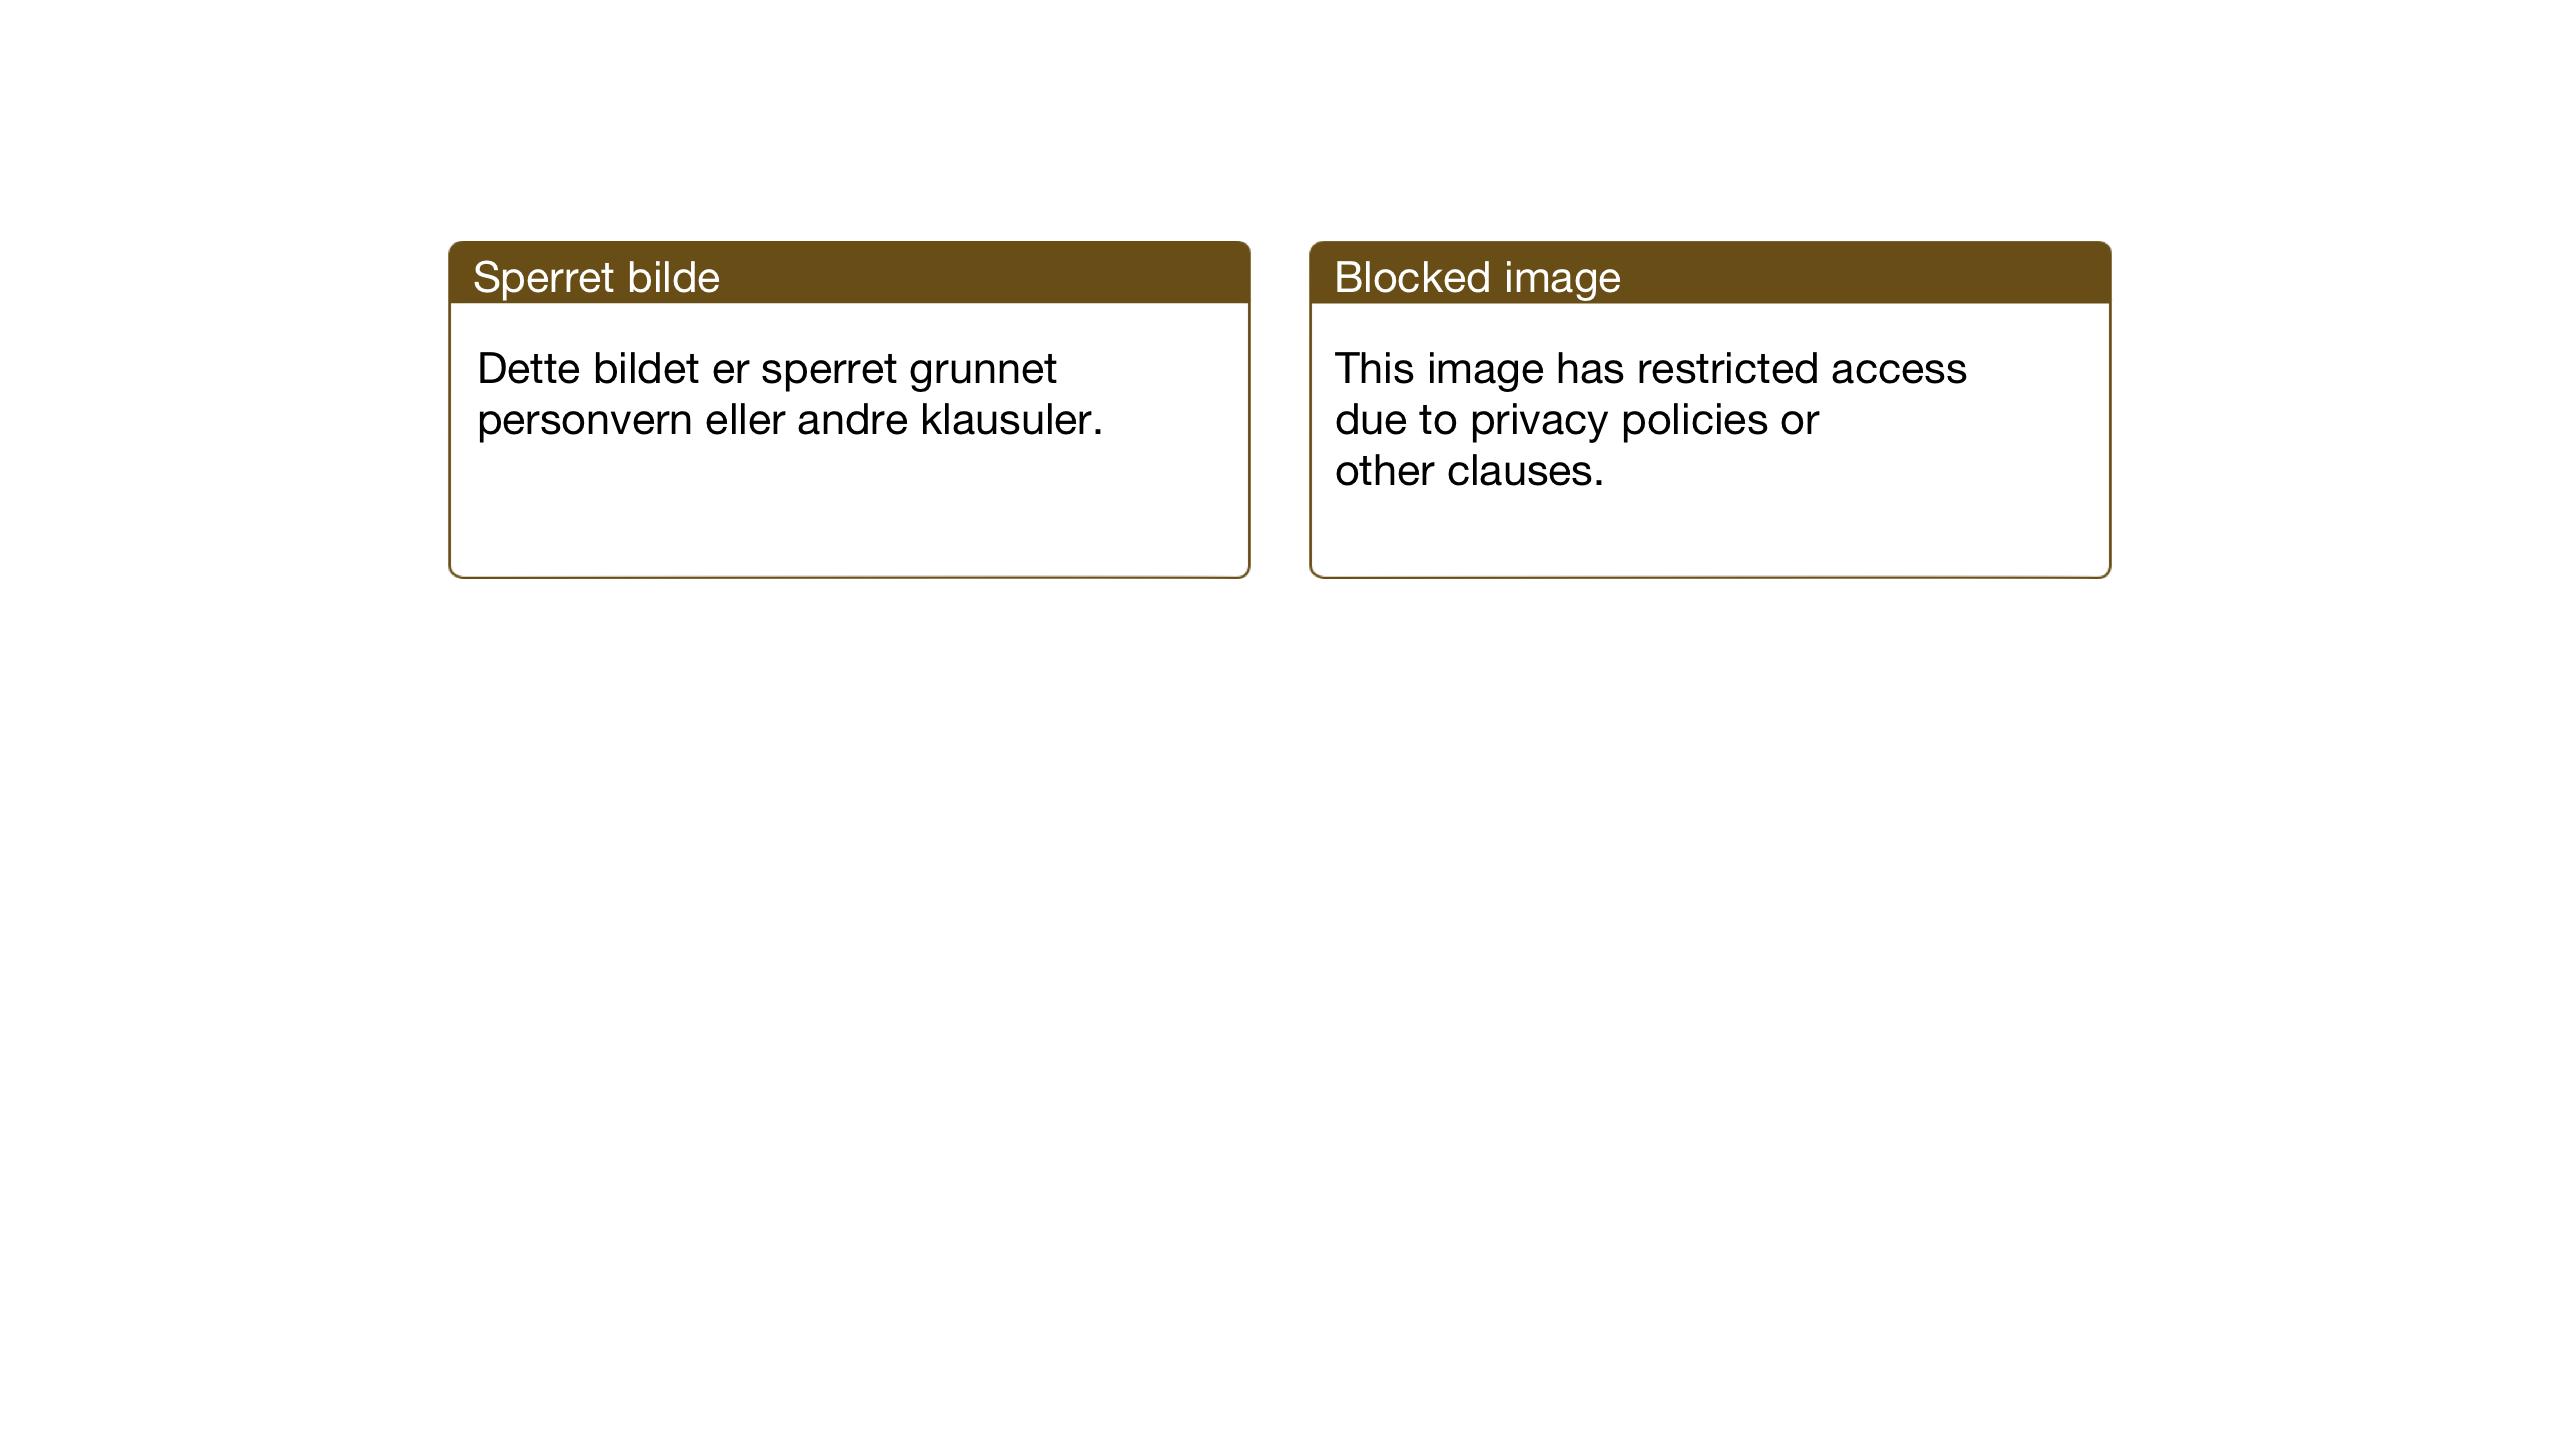 SAT, Ministerialprotokoller, klokkerbøker og fødselsregistre - Sør-Trøndelag, 604/L0205: Ministerialbok nr. 604A25, 1917-1932, s. 247